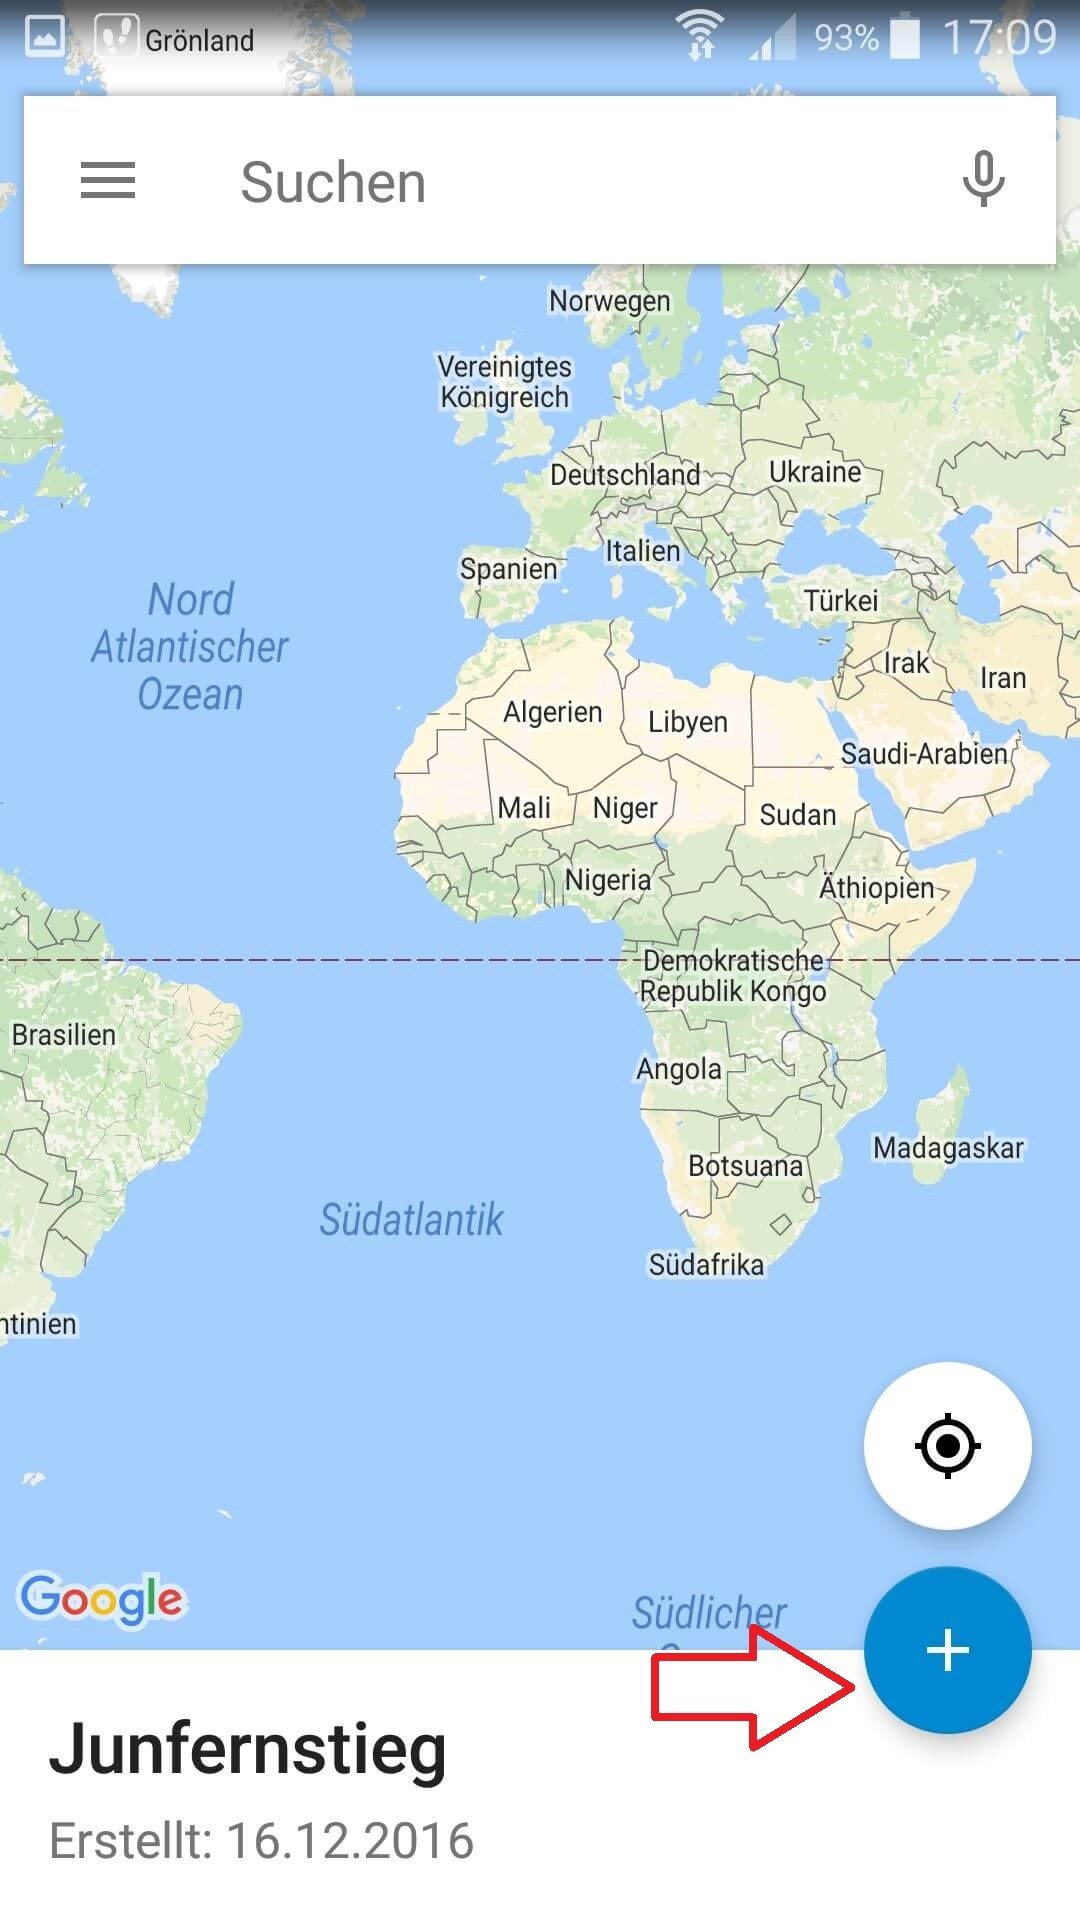 Google My Maps neue Karte erstellen